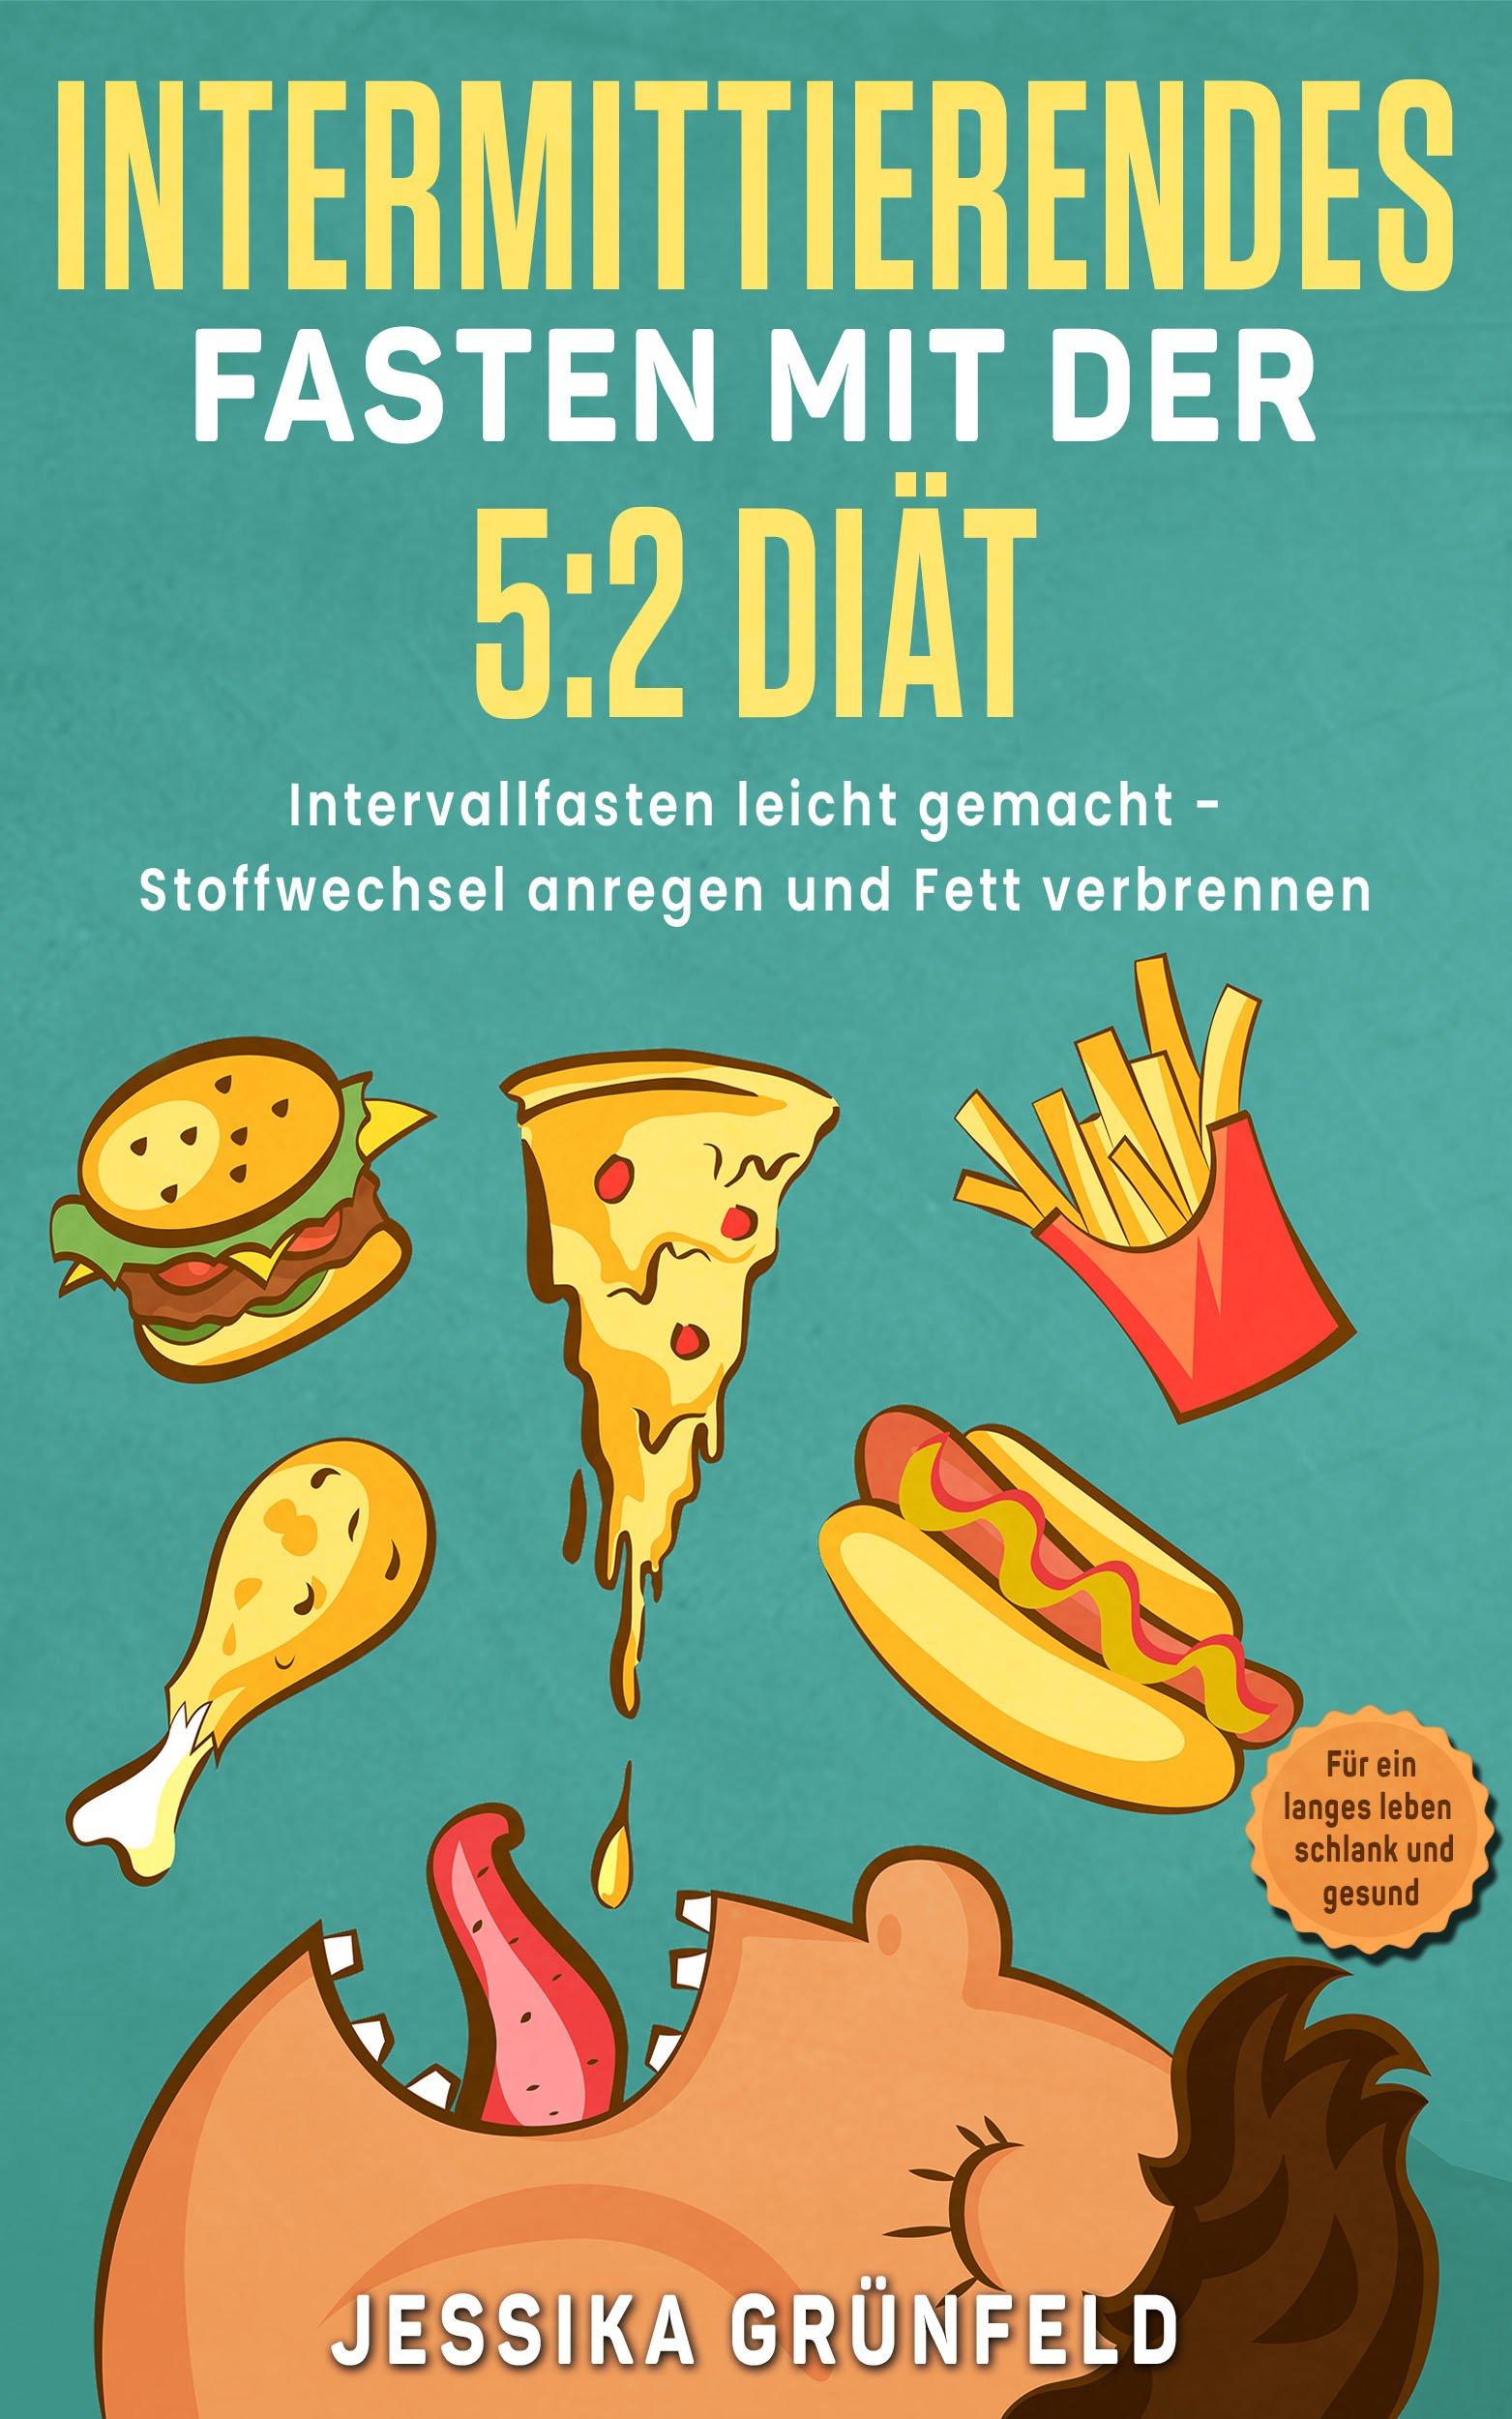 Intermittierendes Fasten mit der 5 : 2 Diät: Intervallfasten leicht gemacht - Stoffwechsel anregen und Fett verbrennen